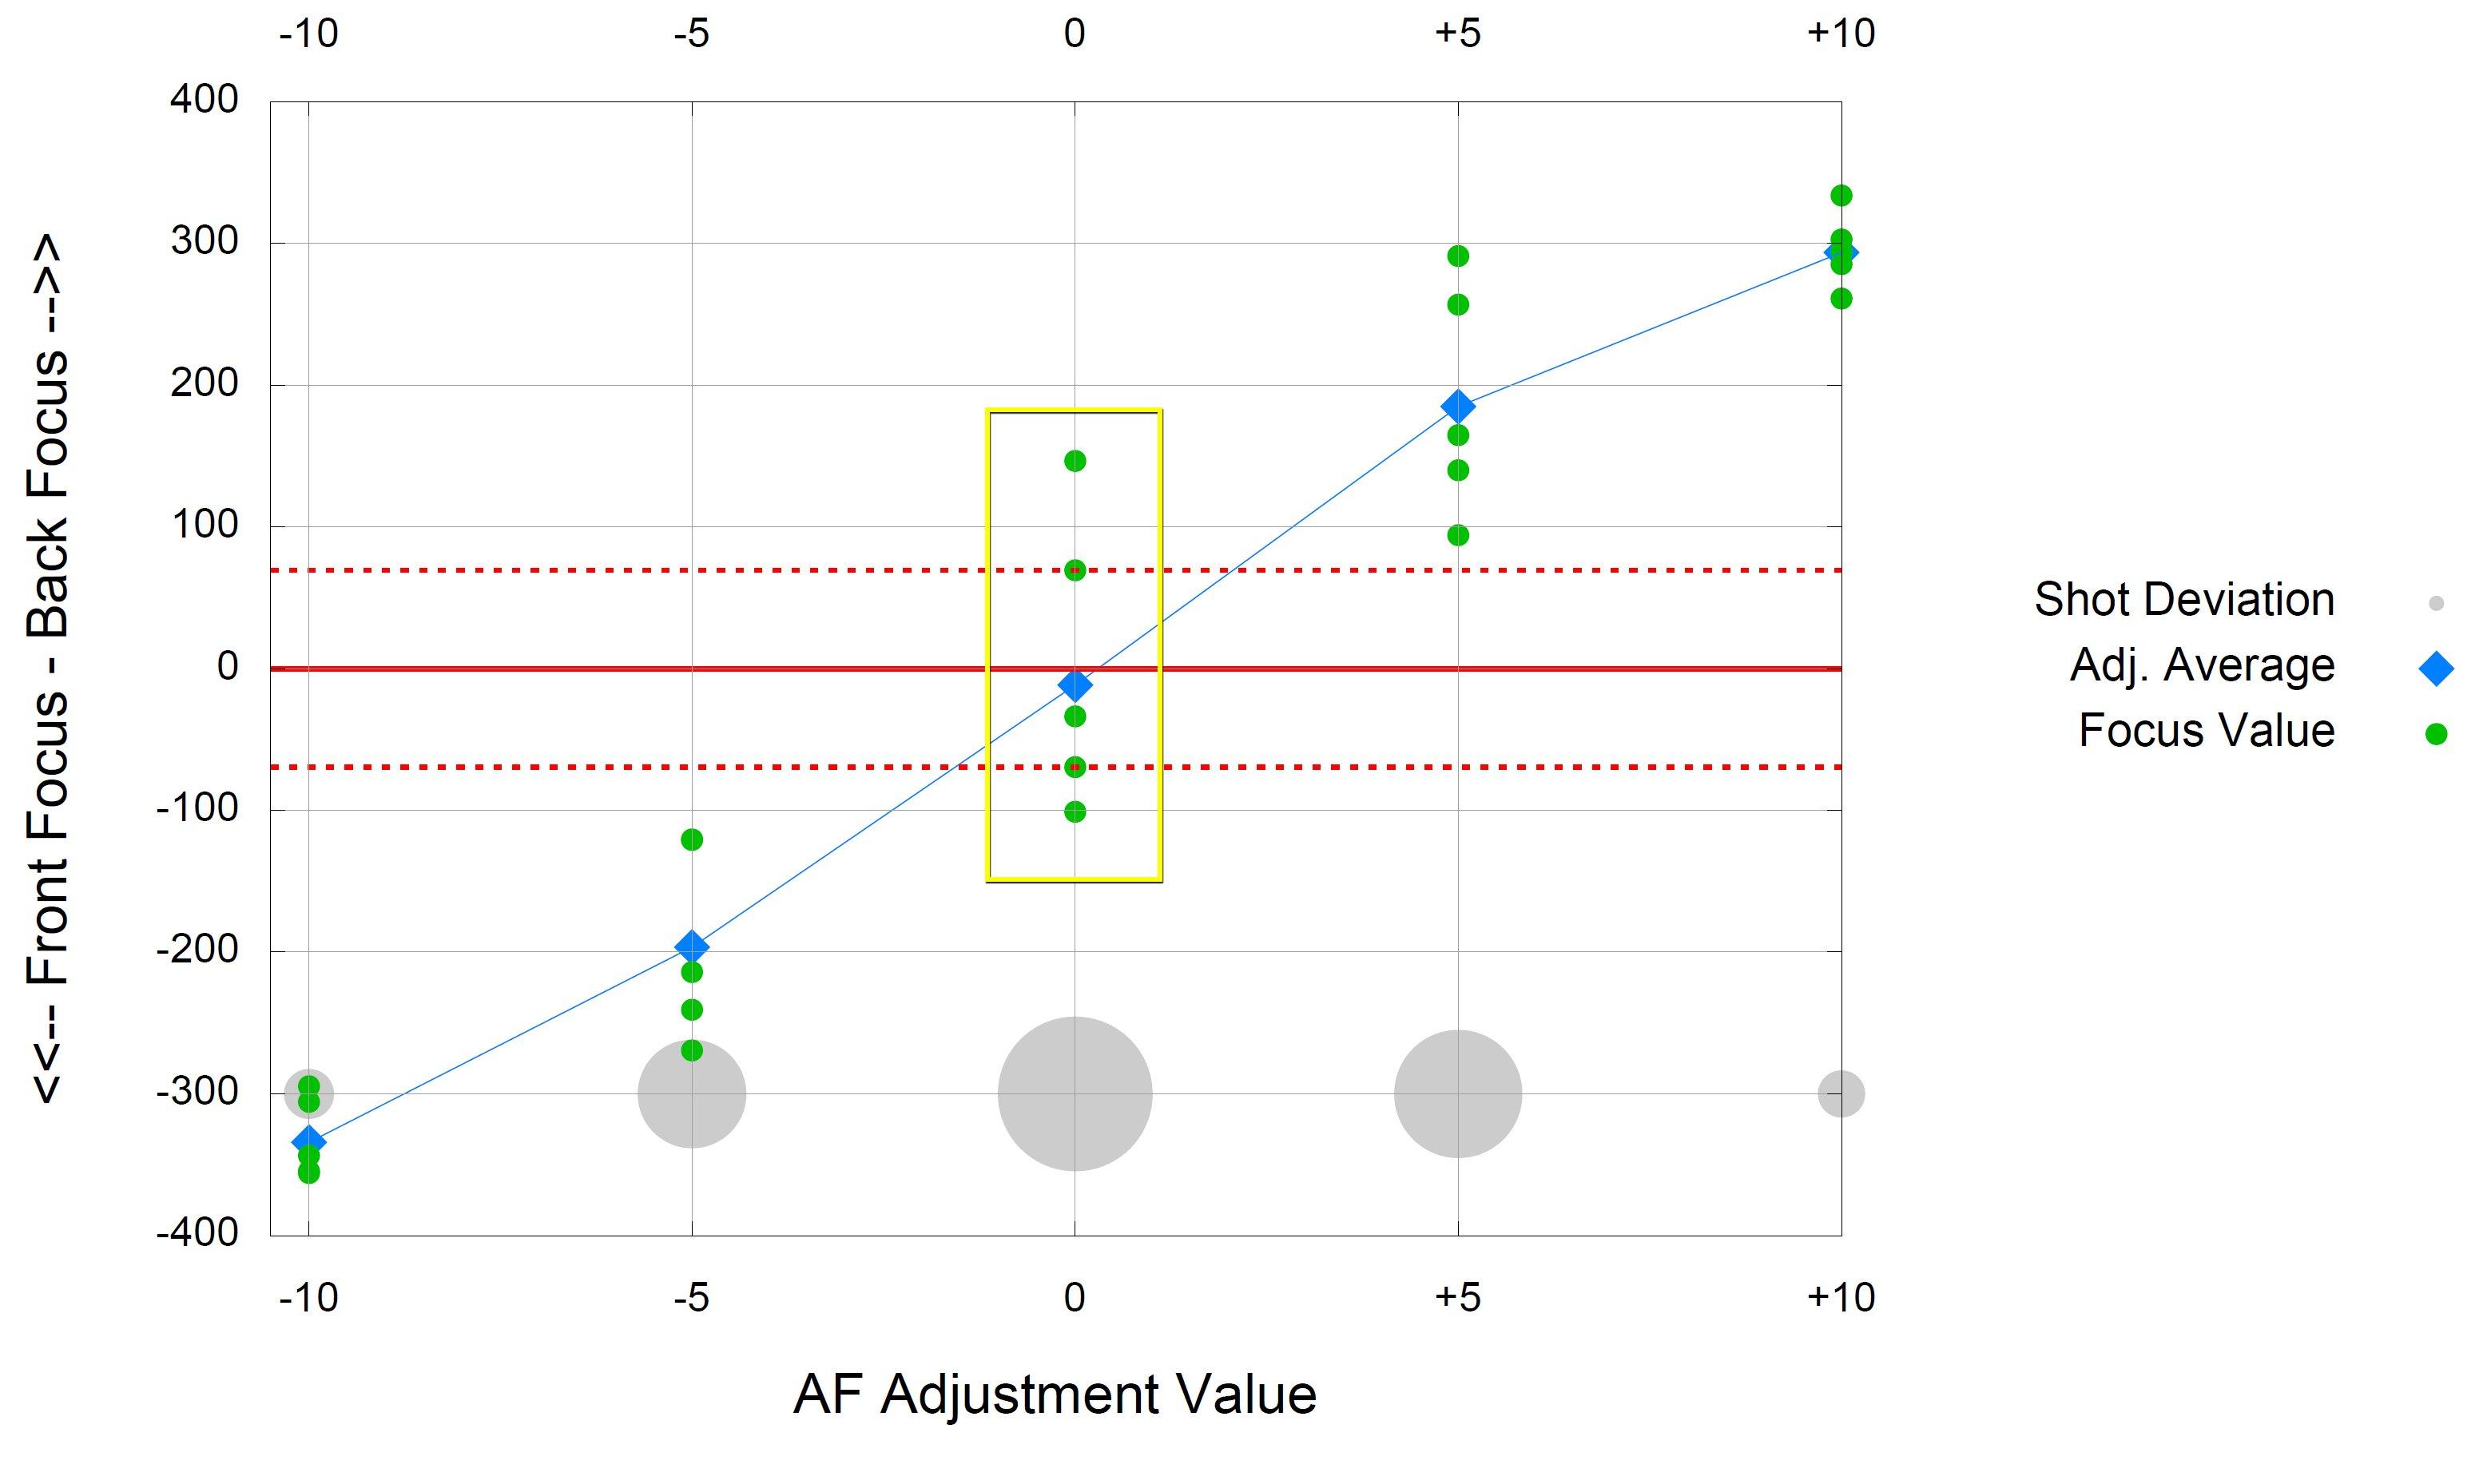 D850 mit AF-S NIKKOR 500mm 1:5,6E PF ED VR - FocusTune Diagram (AFA -10 -5 0 +5 +10)